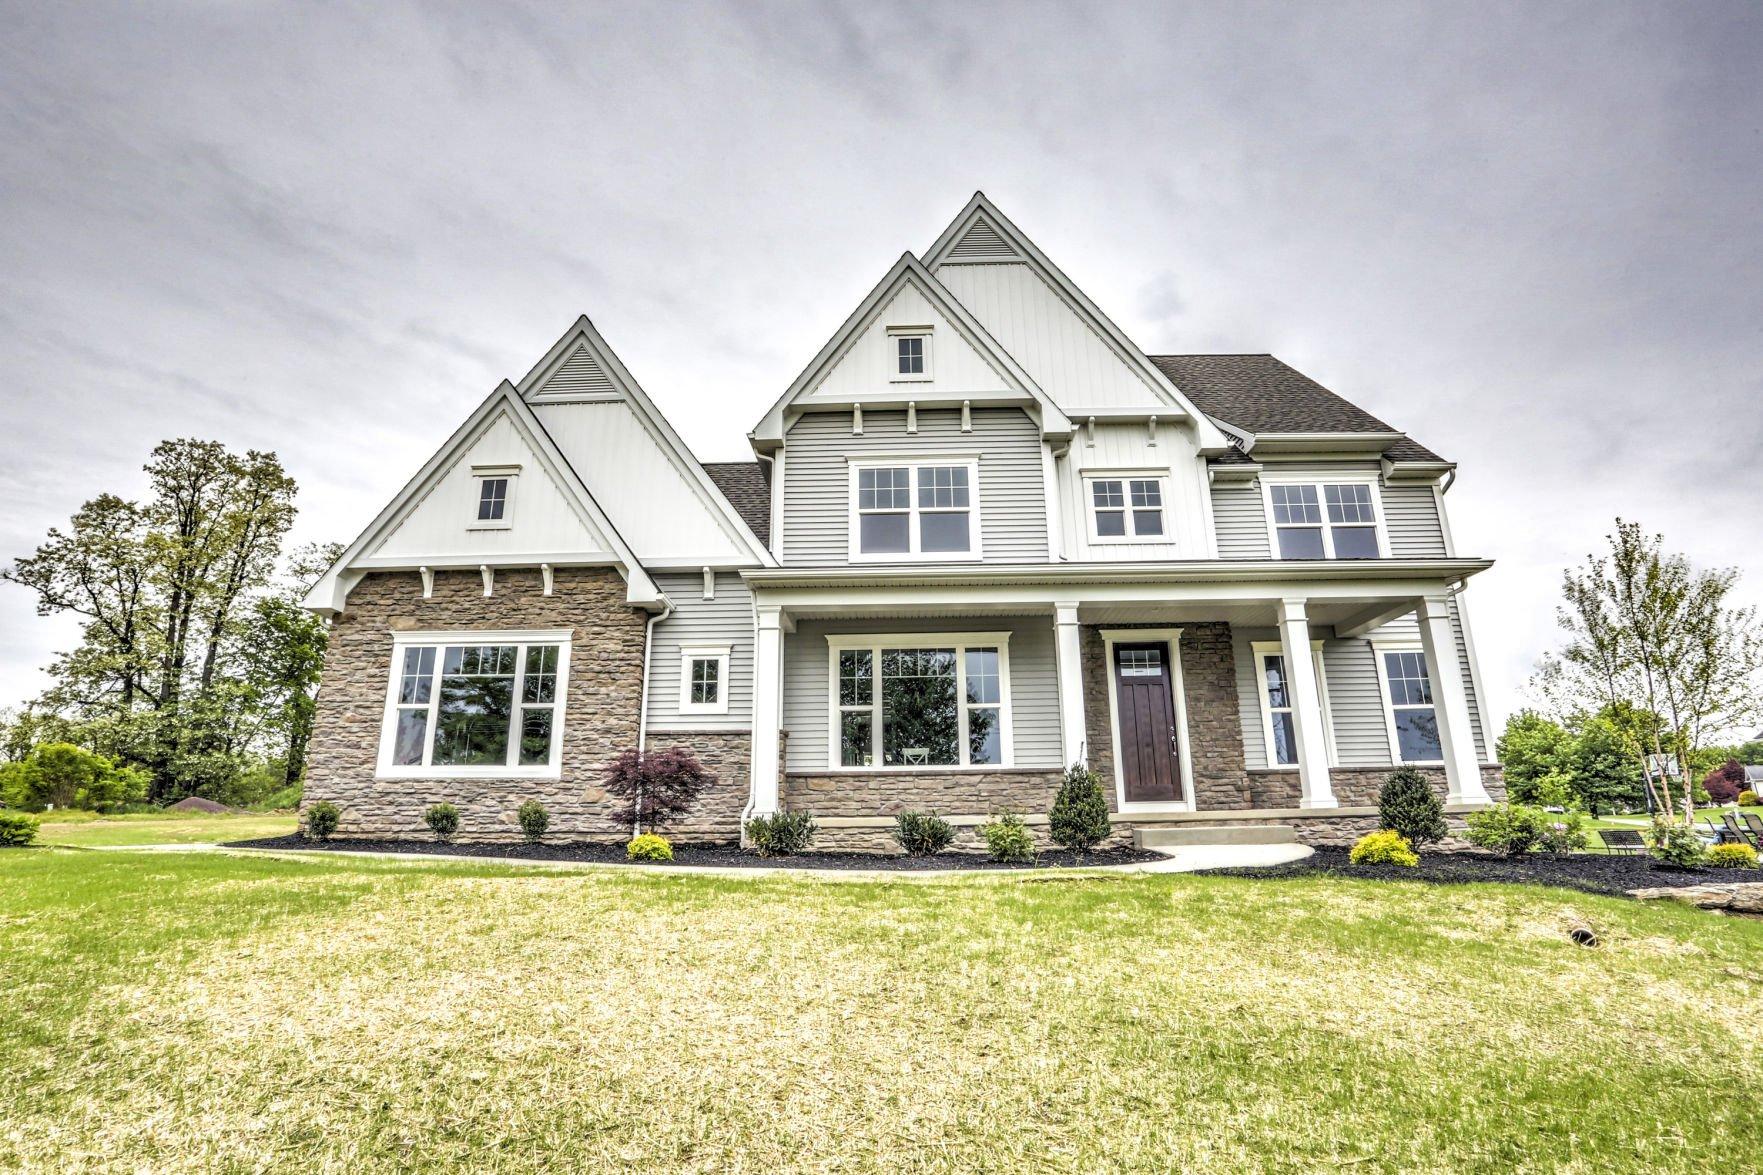 Fullsize Of Farm House Style Home